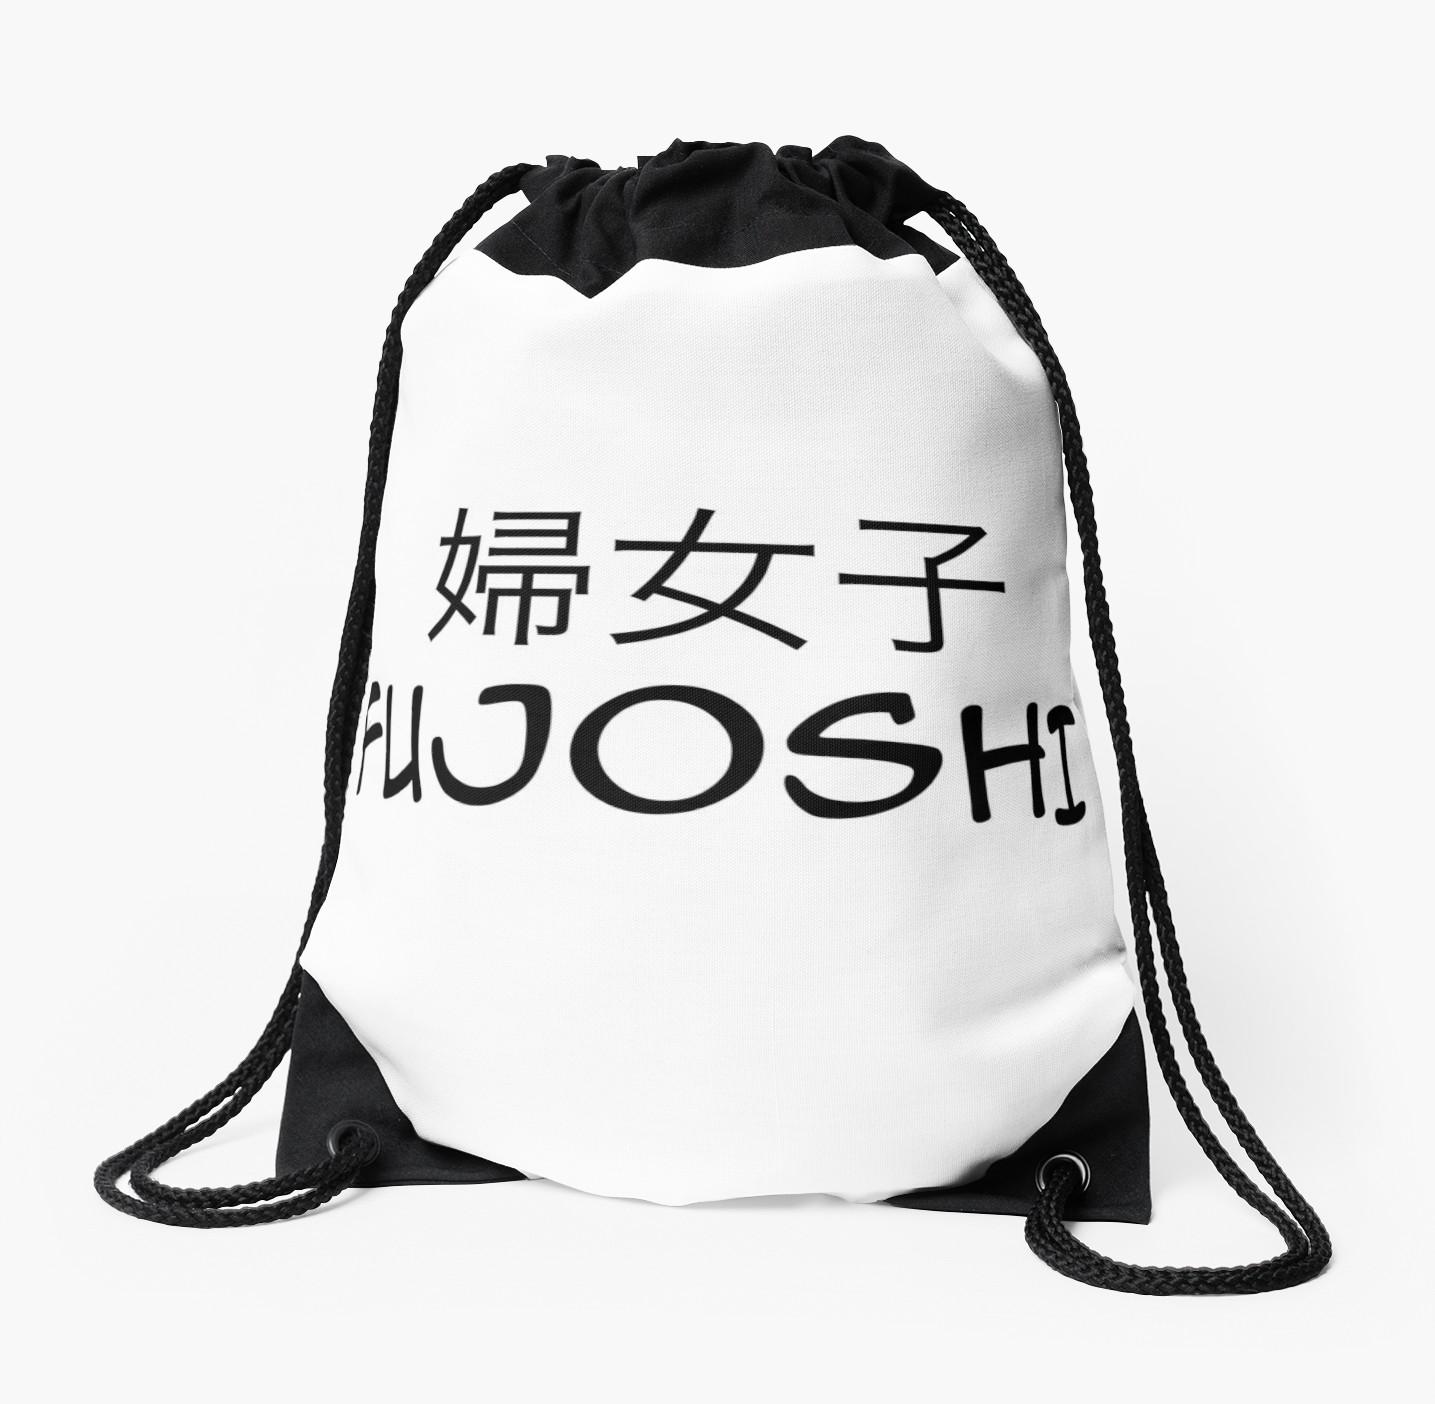 1435x1404 Fujoshi In Japanese Amp English (Animemanga Font) Drawstring Bags